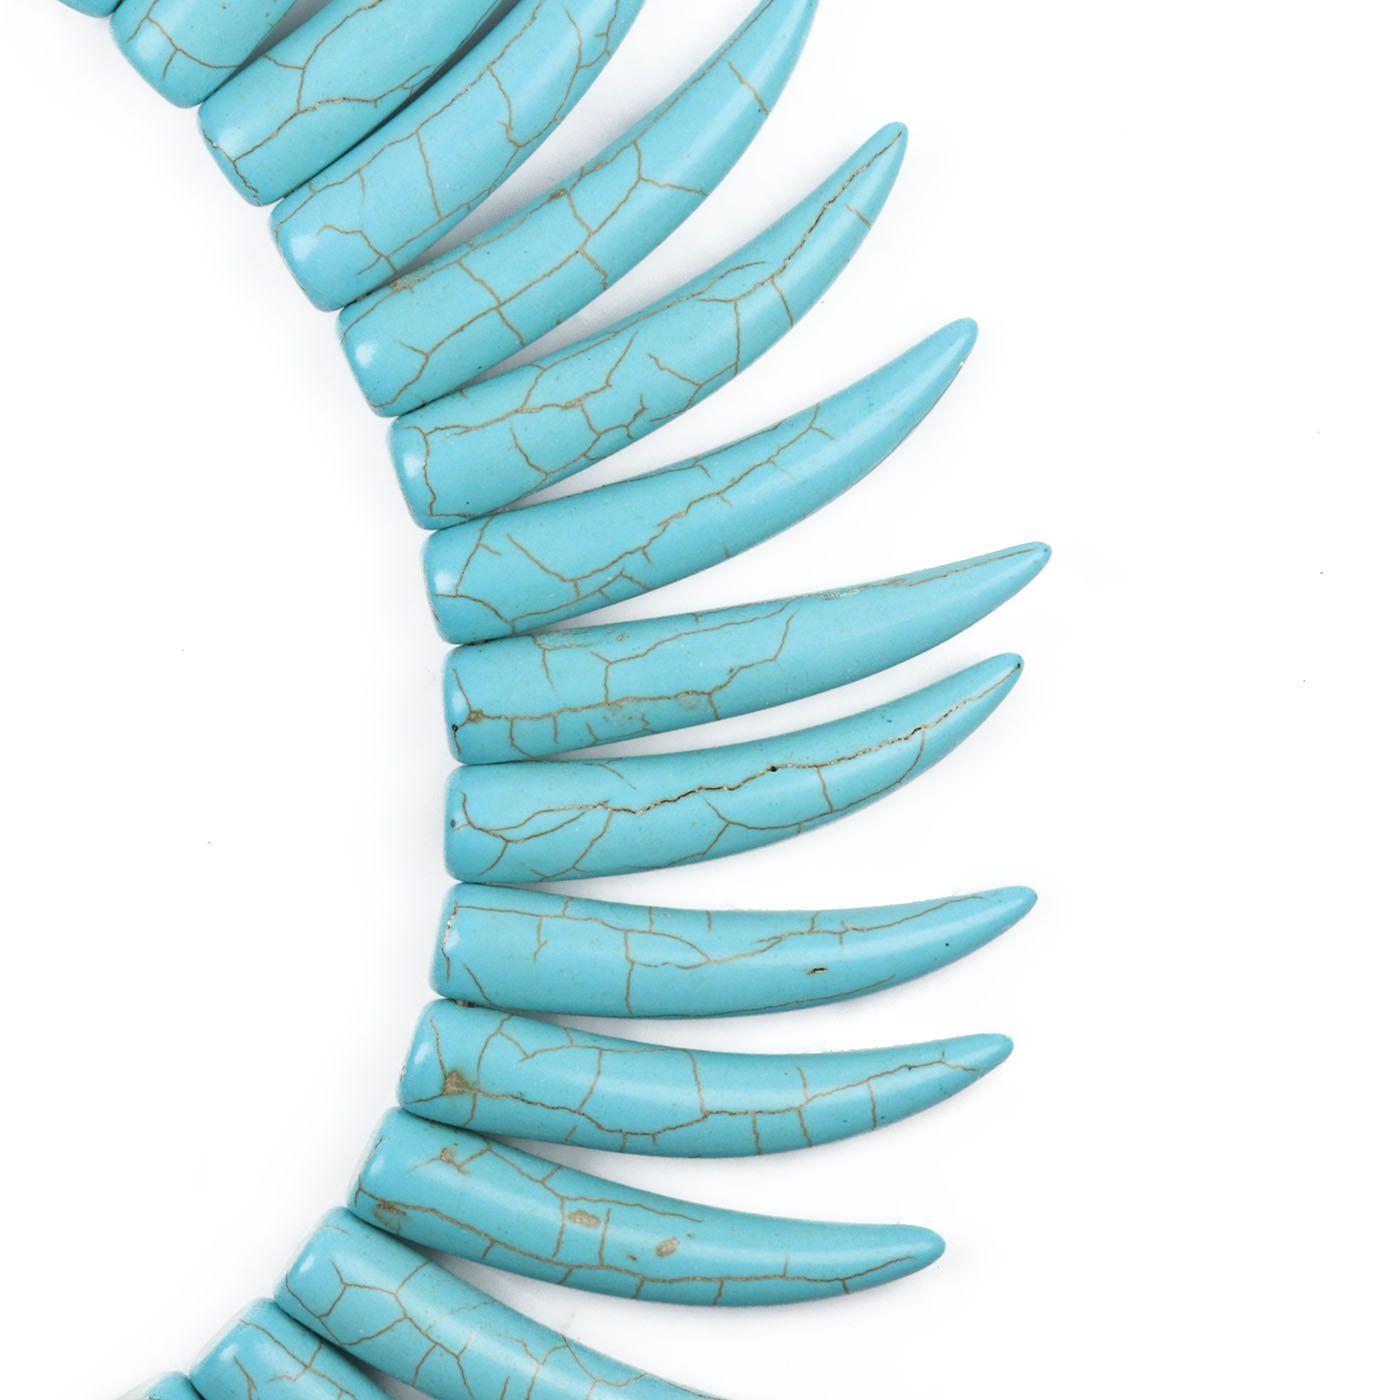 Dente de Turquesa Howlita Azul Tamanhos Variados - FIO - HO034  - ArtStones